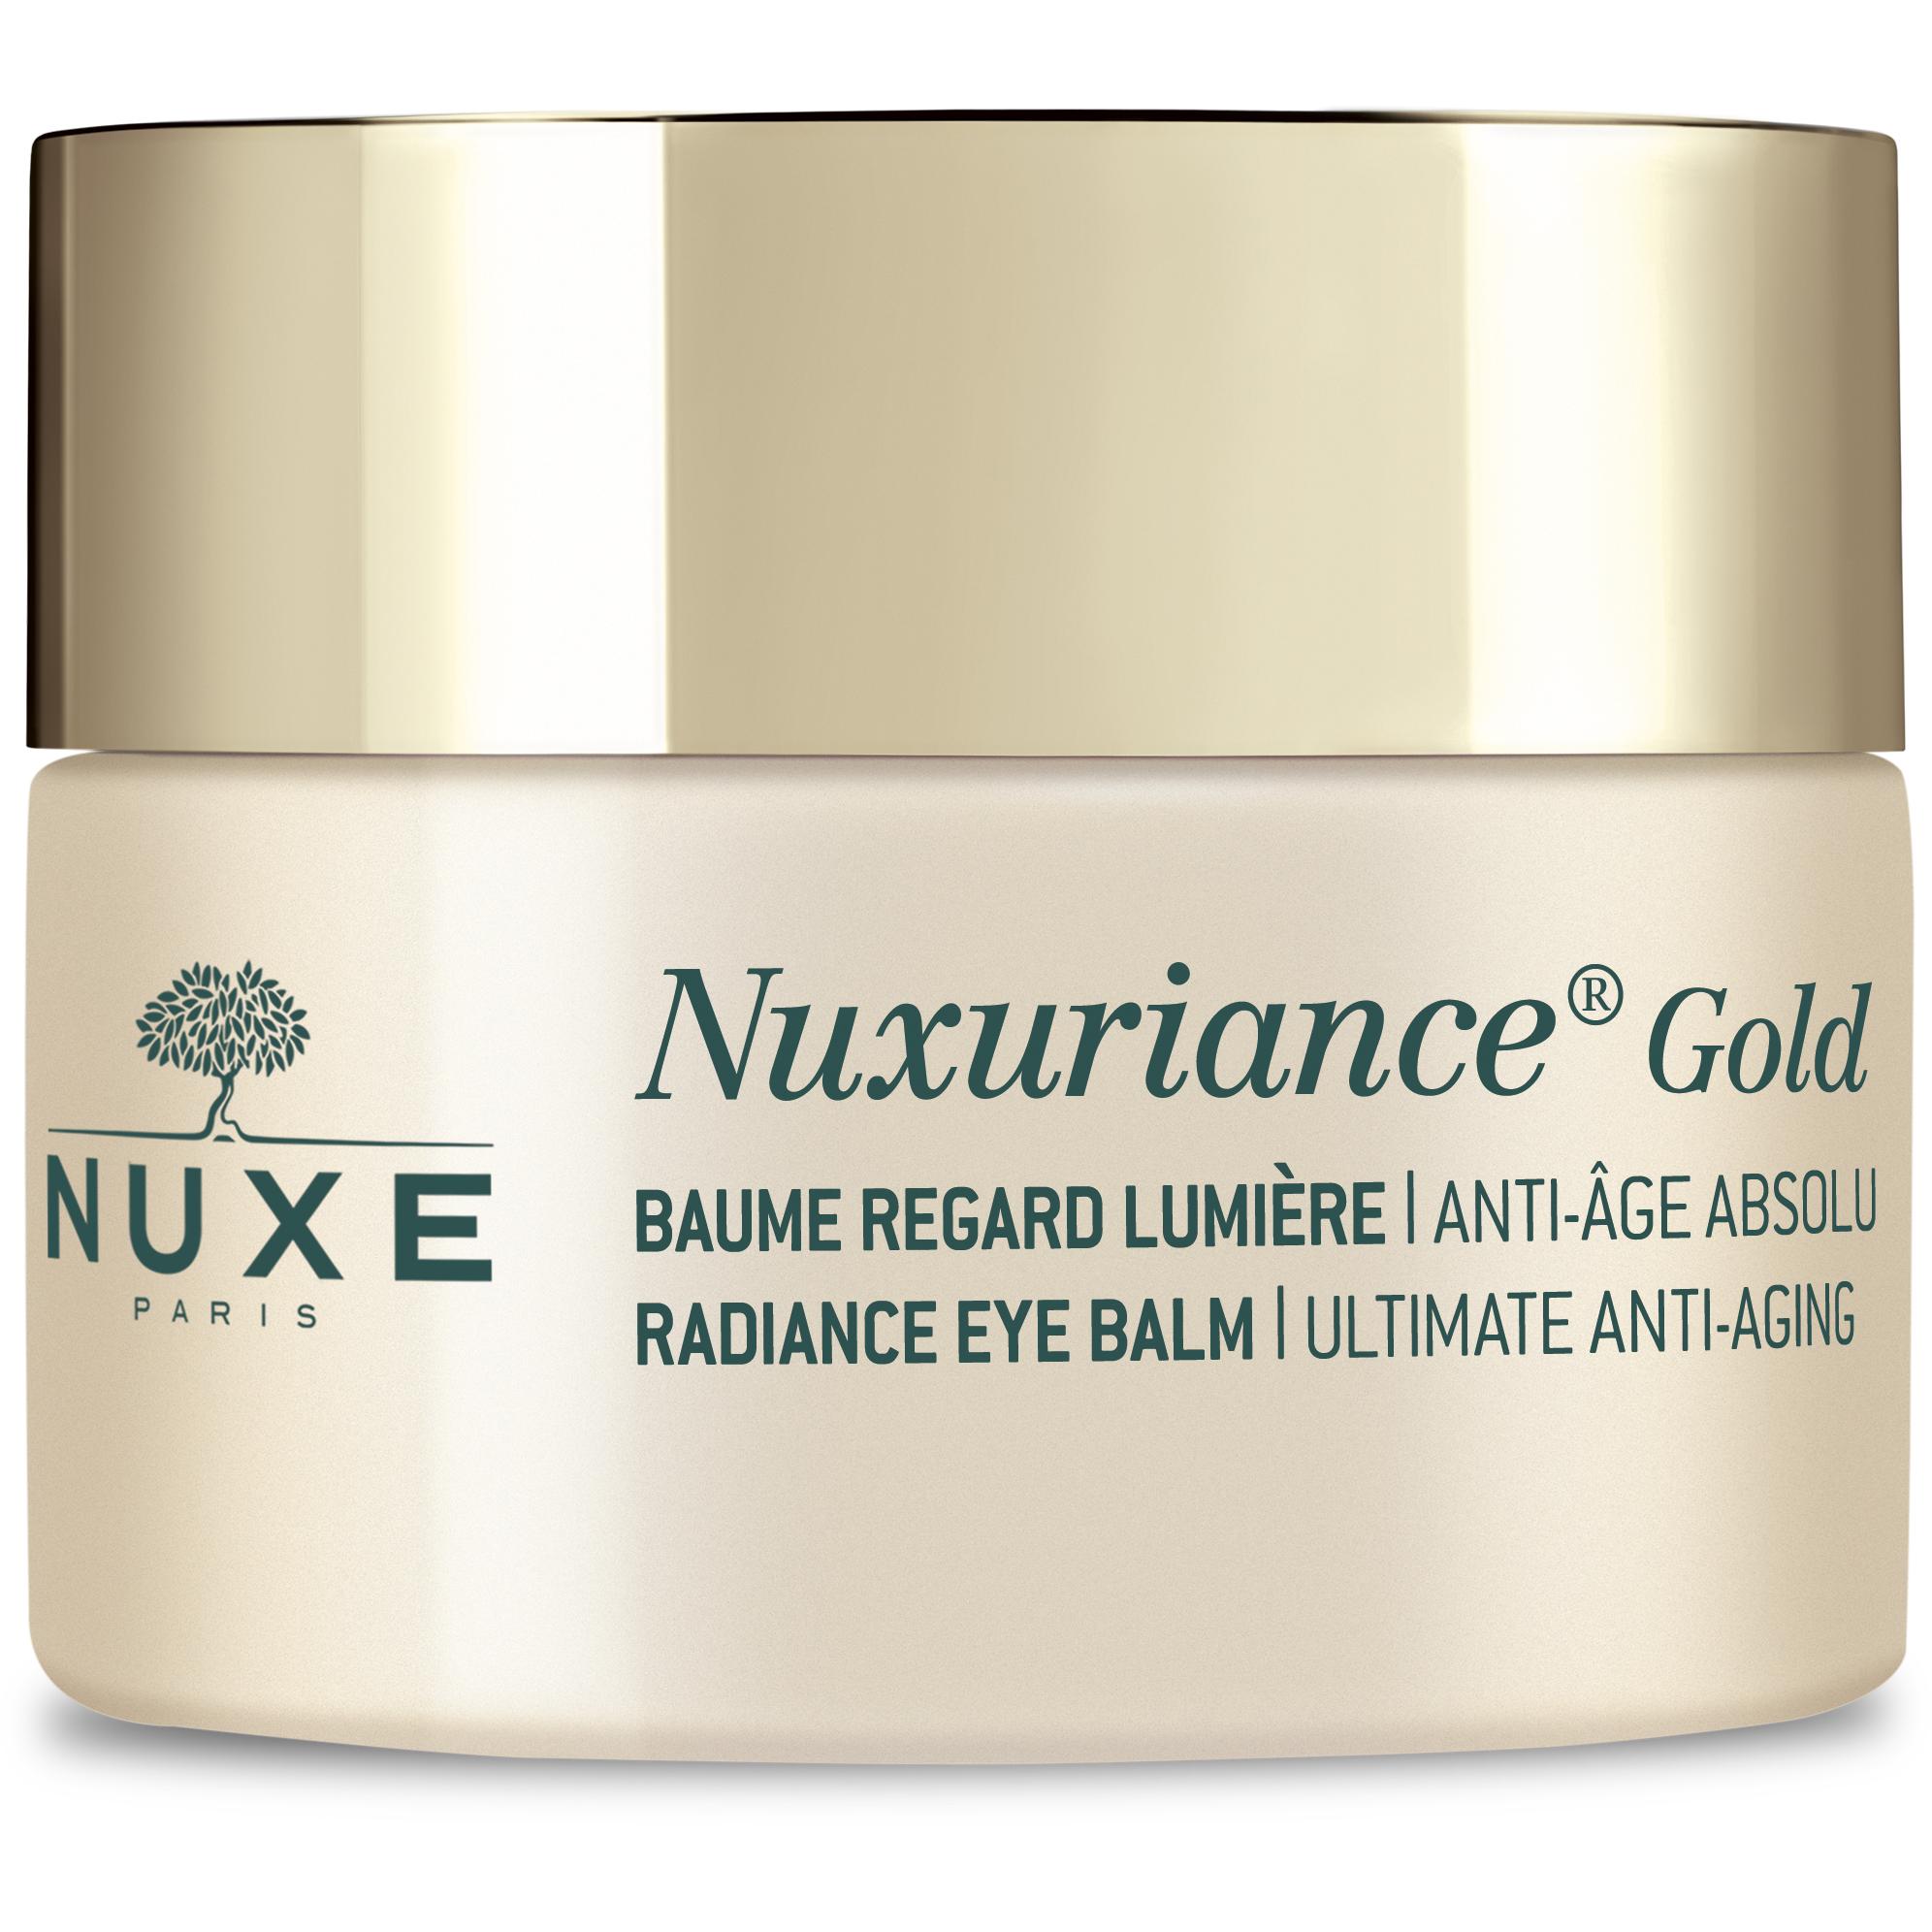 Nuxe Nuxuriance Gold Radiance Eye Balm Βάλσαμο Λάμψης, Θρέψης & Απόλυτης Αντιγήρανσης της Κουρασμένης Περιοχής των Ματιών 15ml